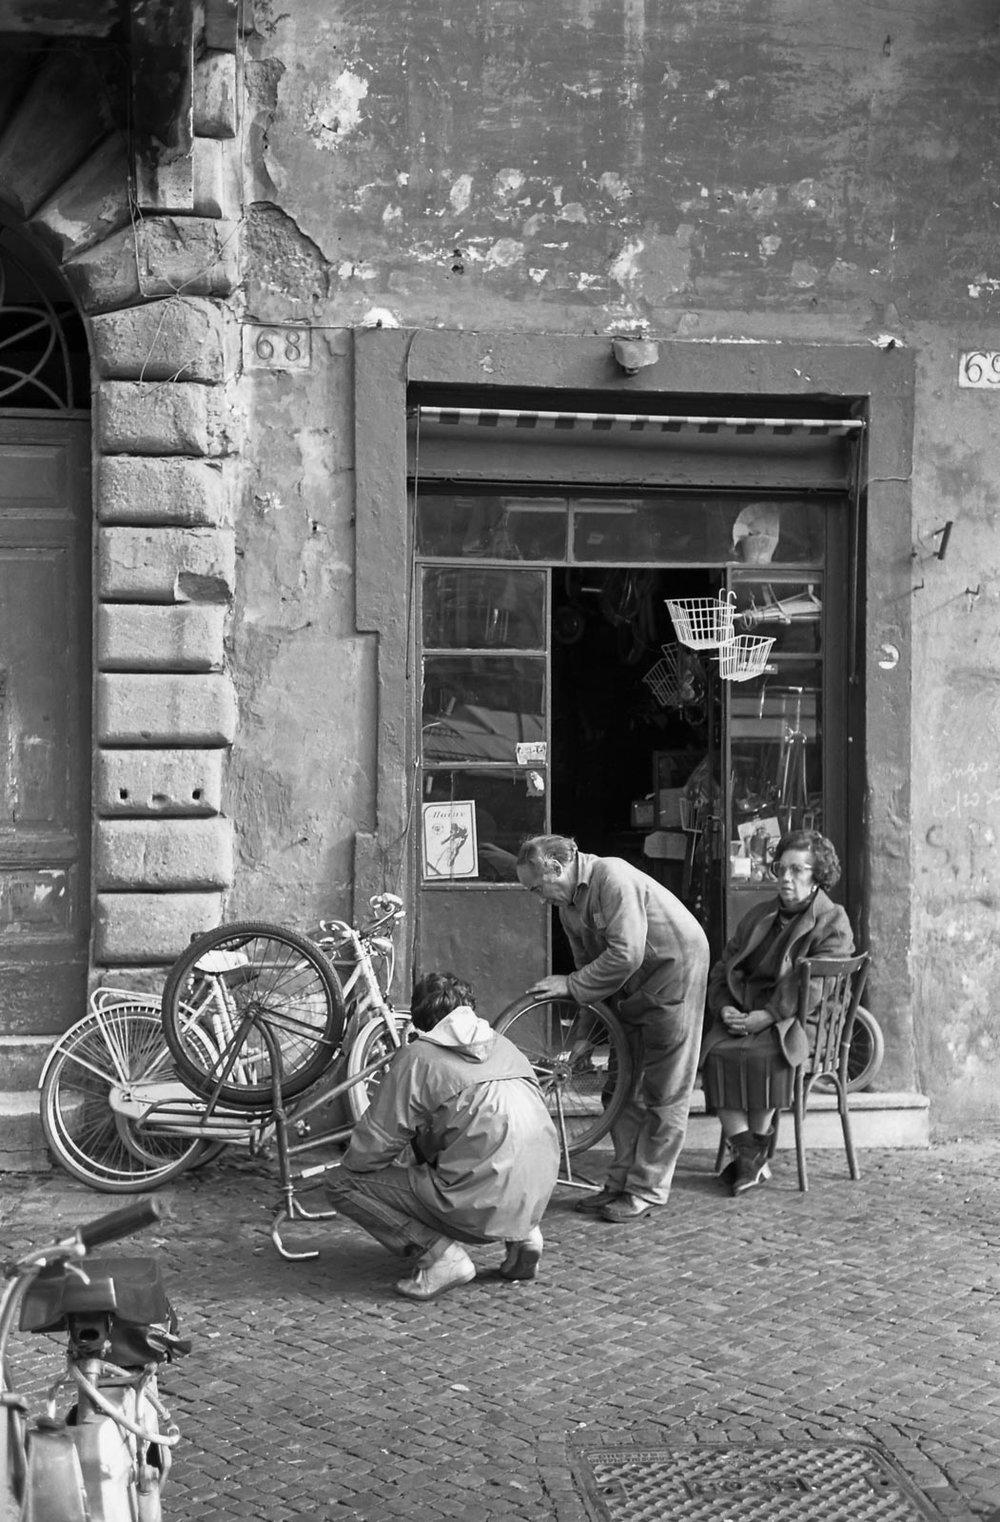 L'atelier de bicyclette, Rome 1984